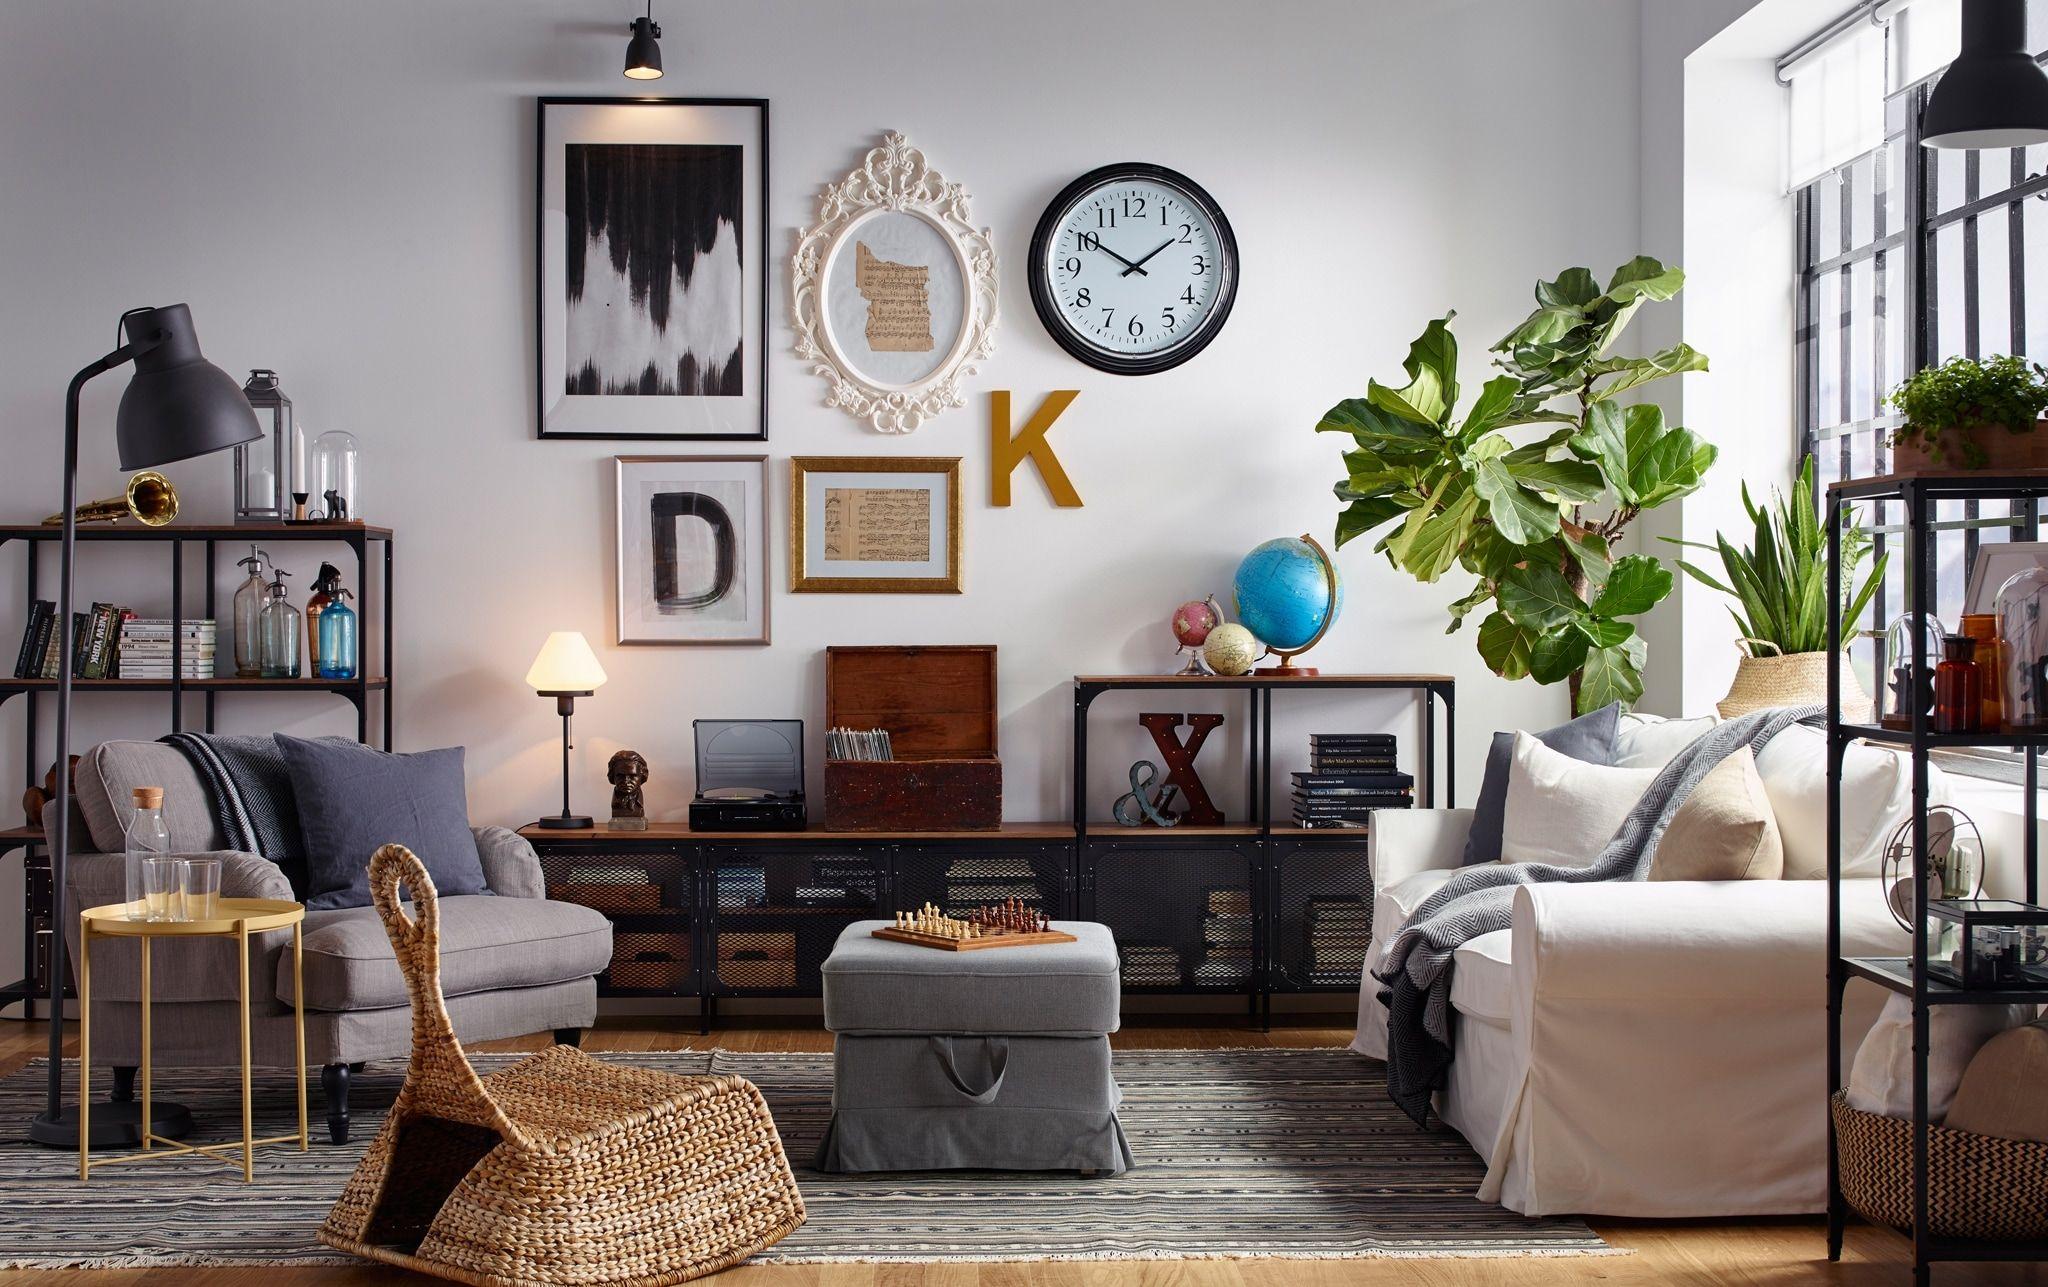 Küchenideen ahornschränke brilliant picture of industrial look living roomindustrial look